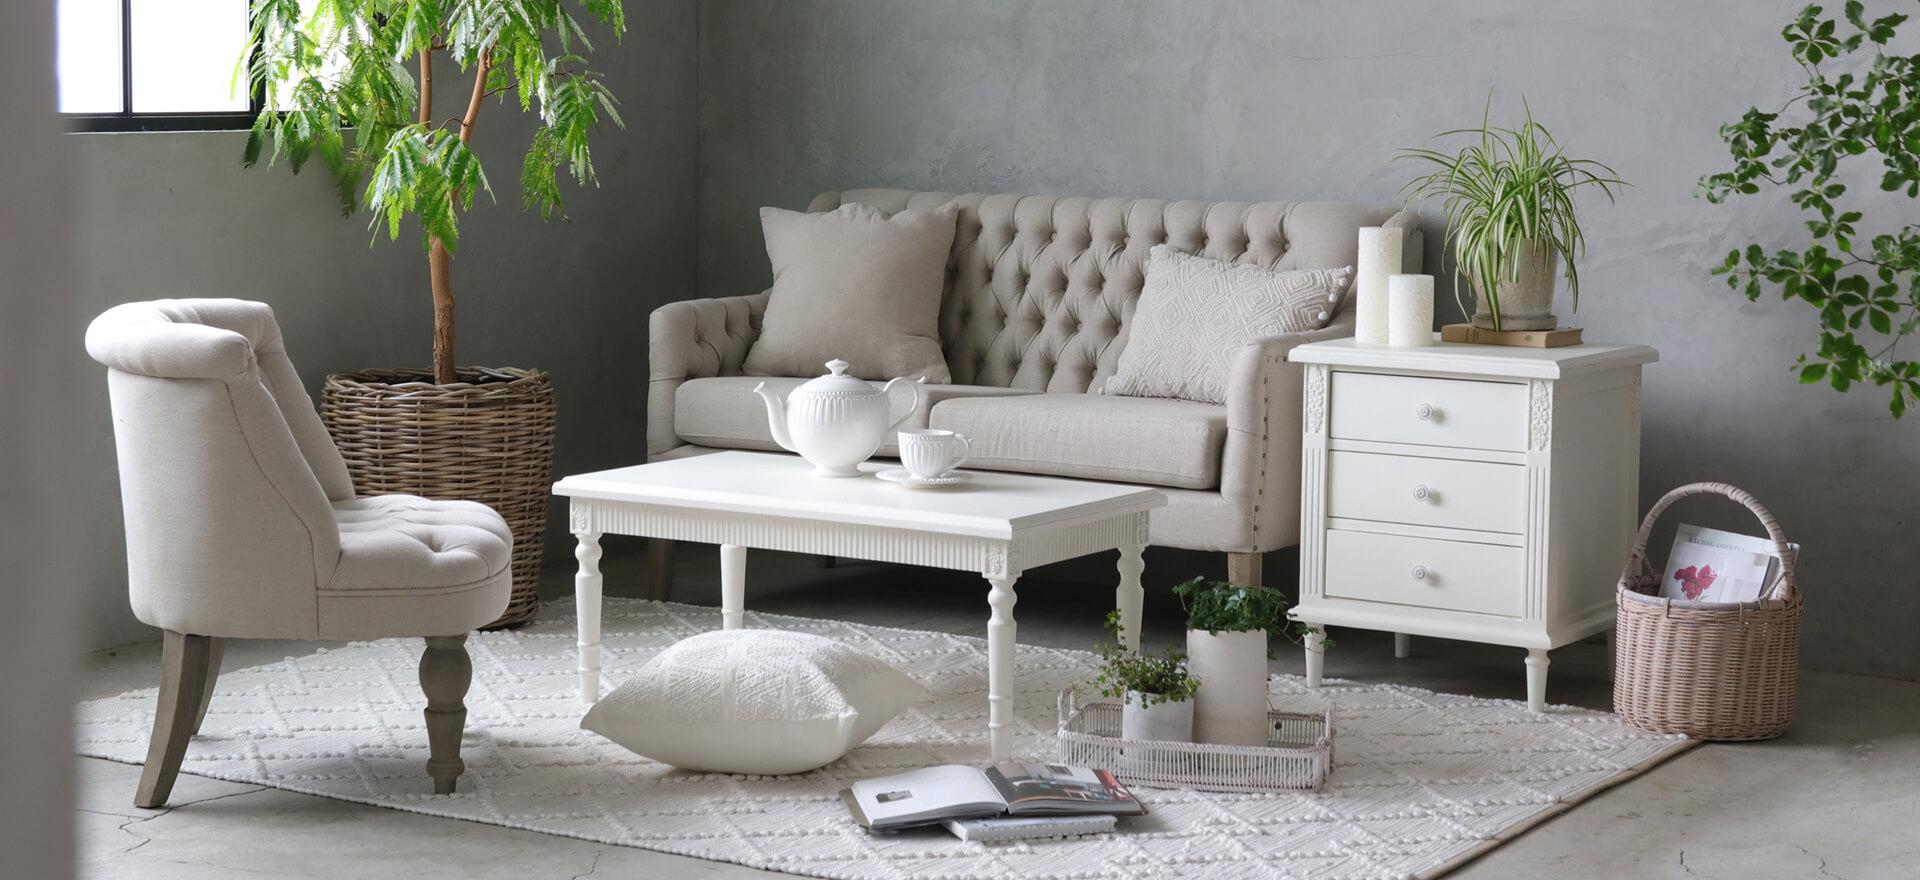 Caronのシンプルでちょっぴり可愛らしさのある陶器